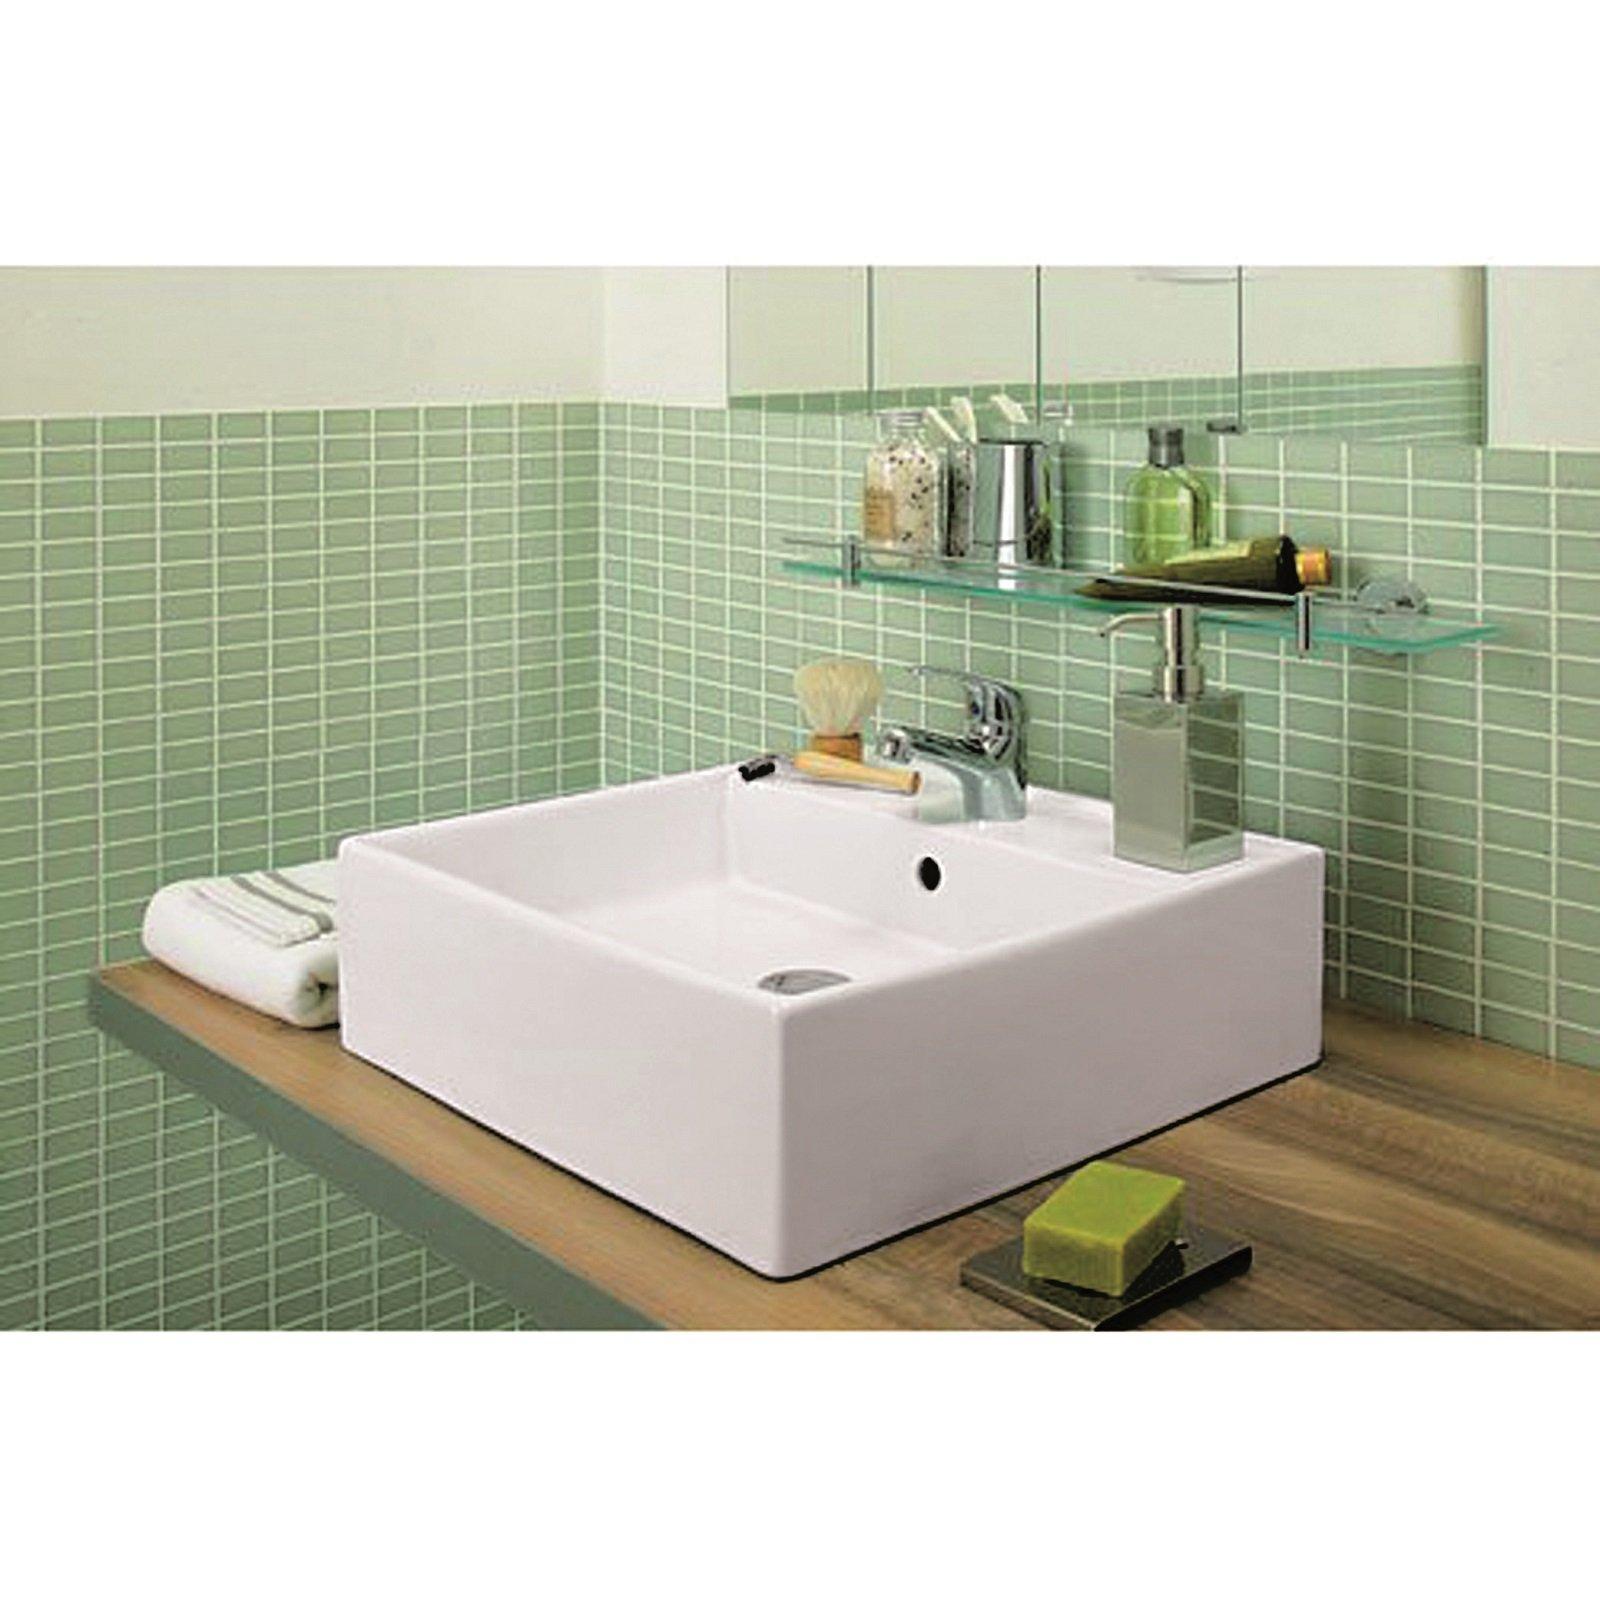 La classica ceramica si sceglie anche per i moderni lavabi for Polvere di ceramica leroy merlin